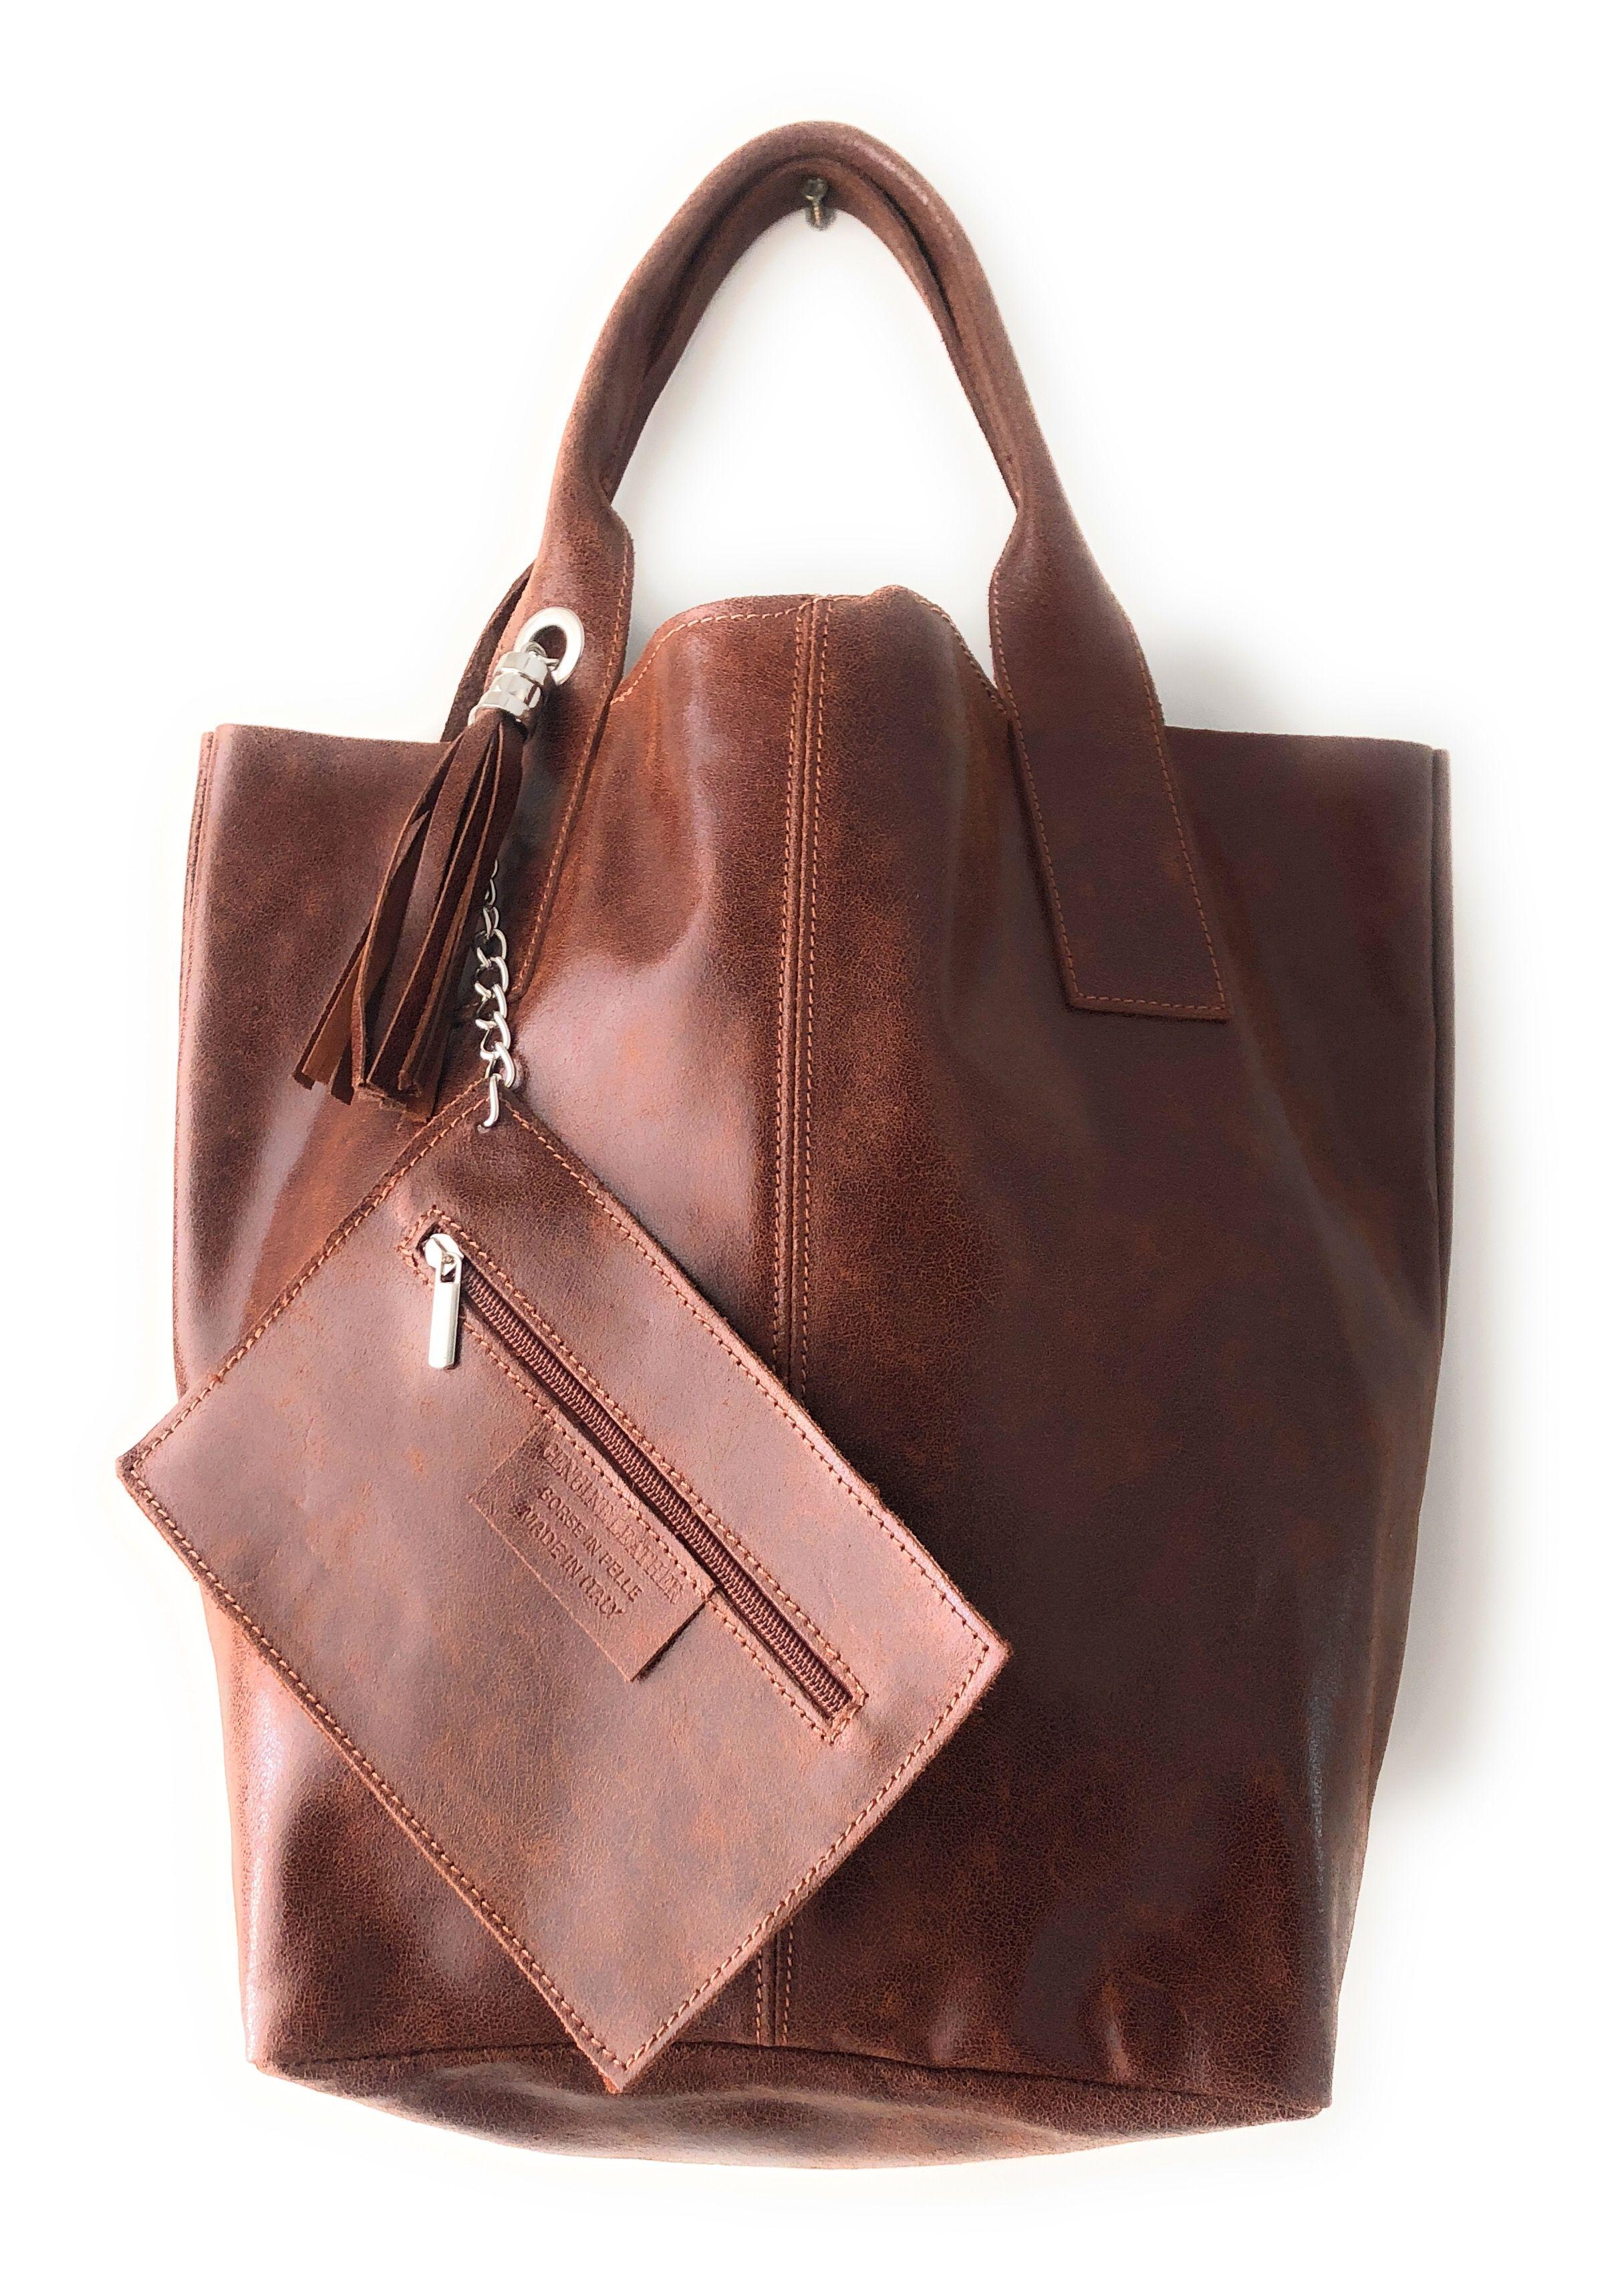 Shopper de piel en color marrón oscuro de la marca italiana